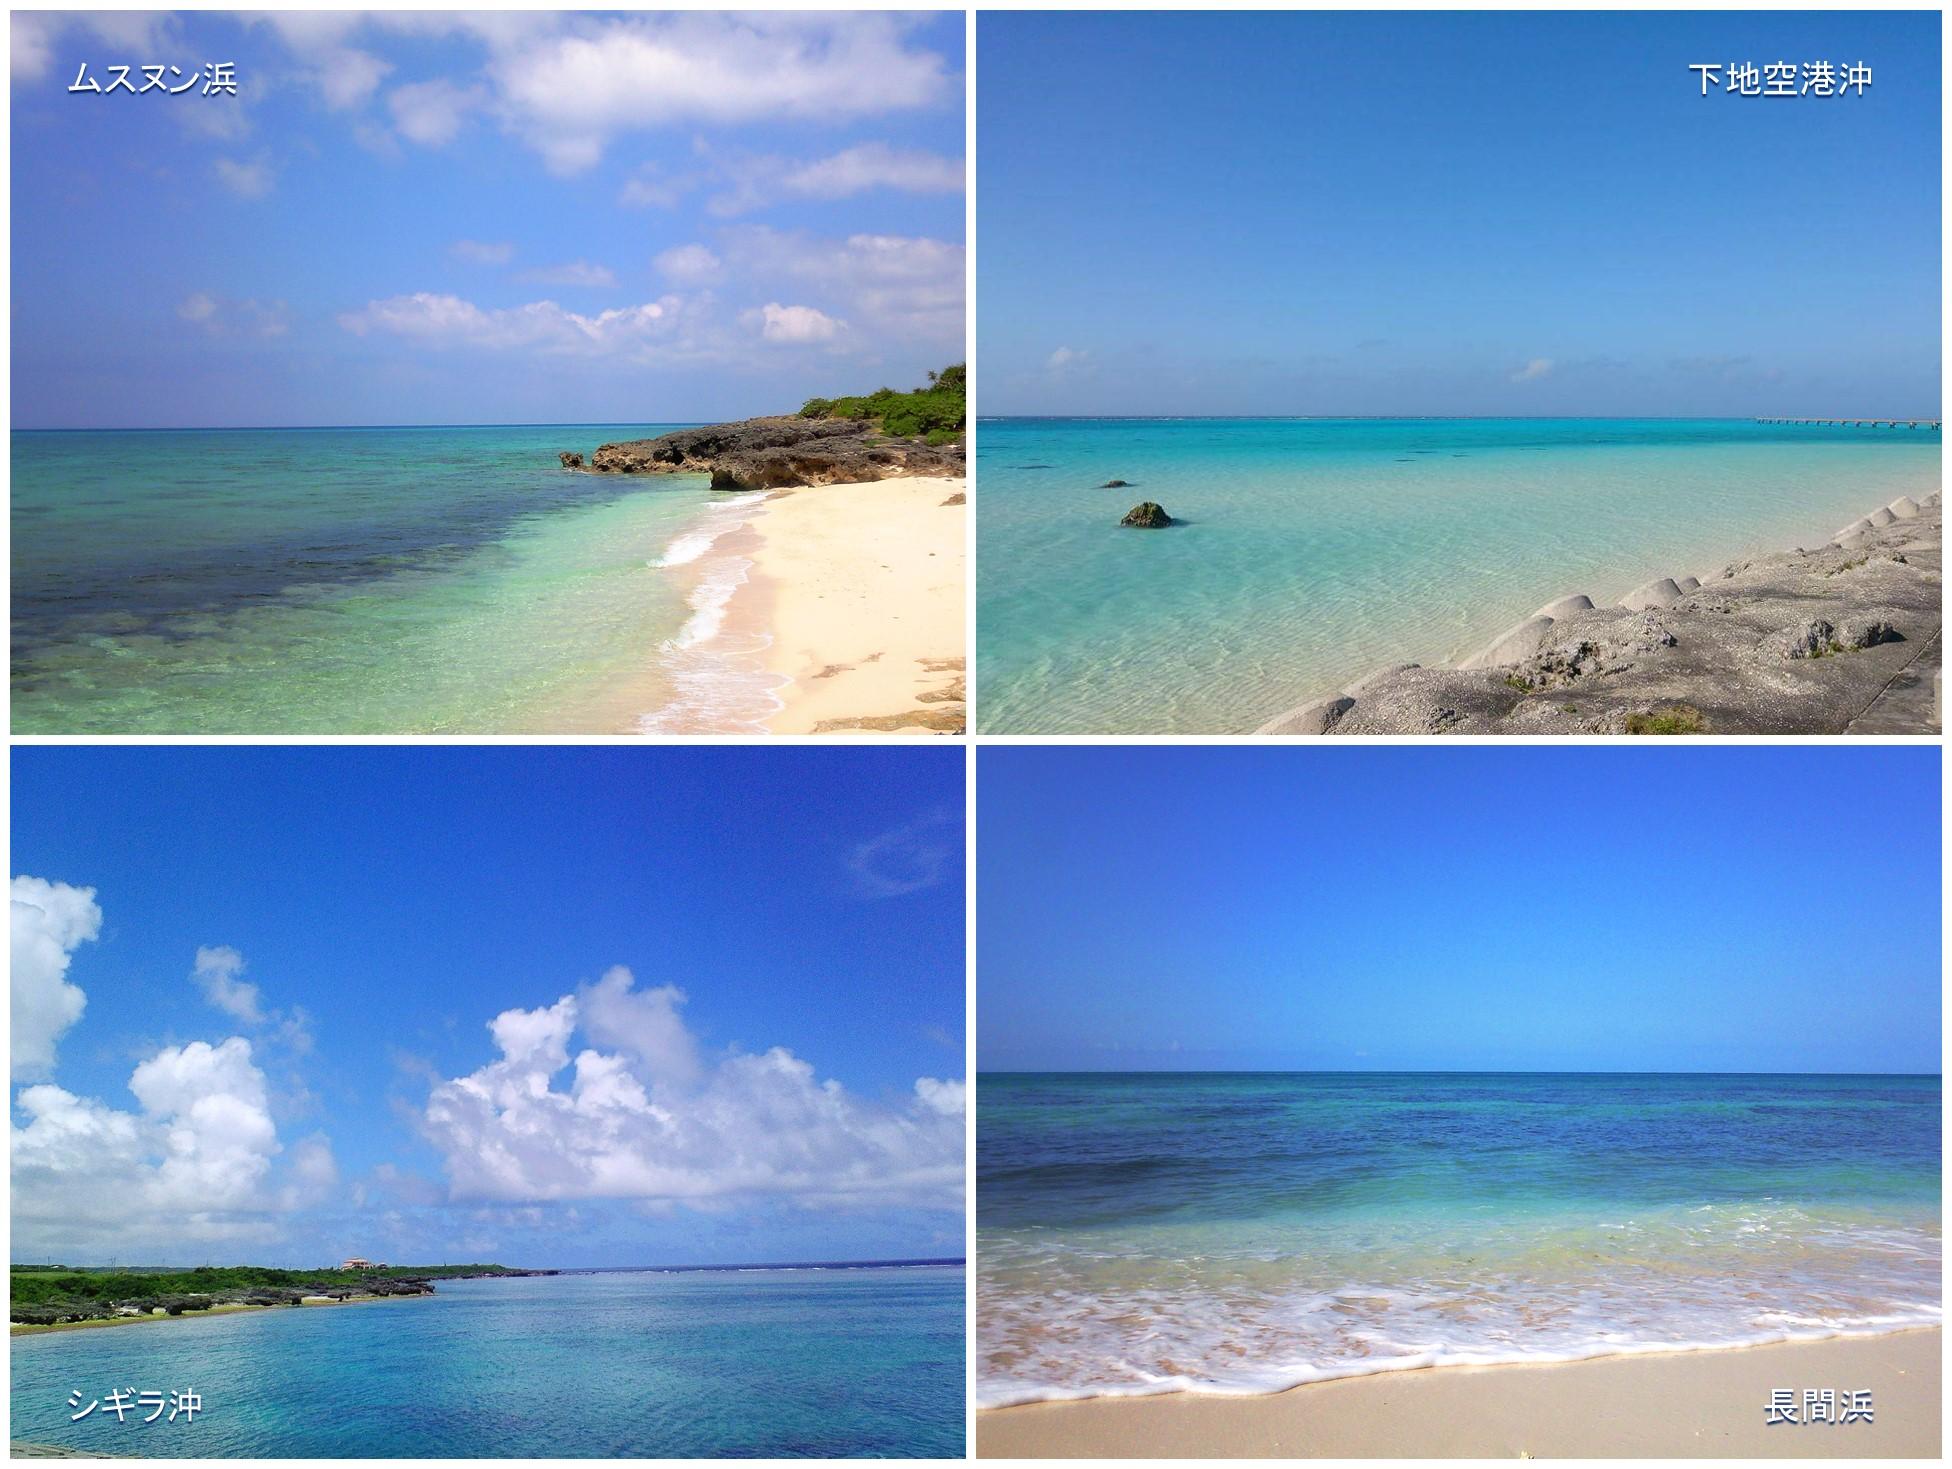 宮古島の海2